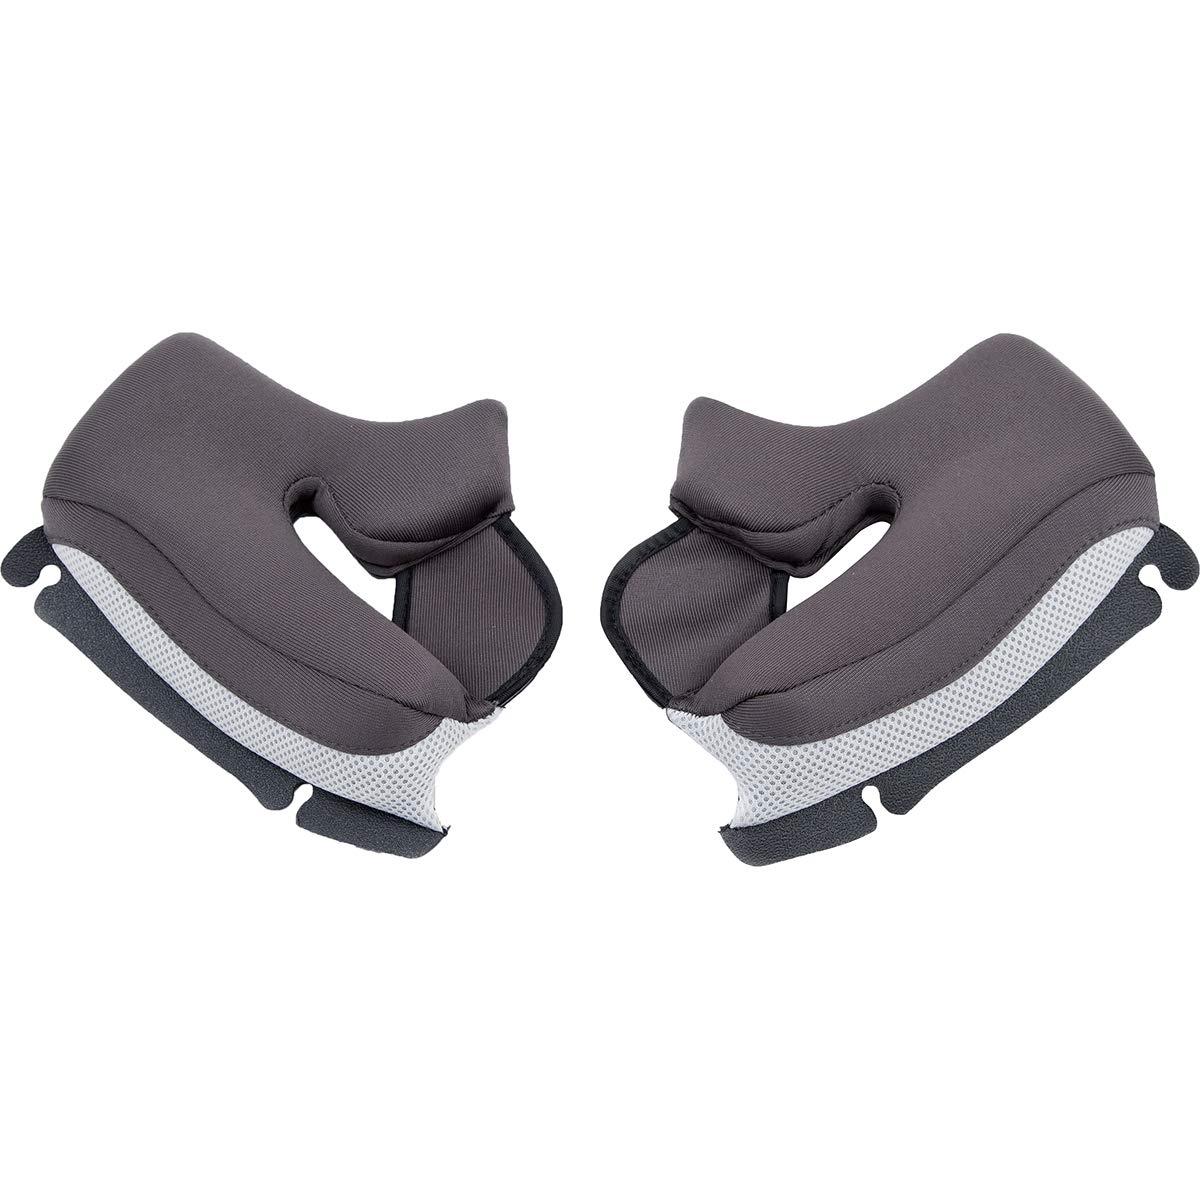 Scorpion Unisex-Adult Cheek Pad Multi-Color Large 75-02233